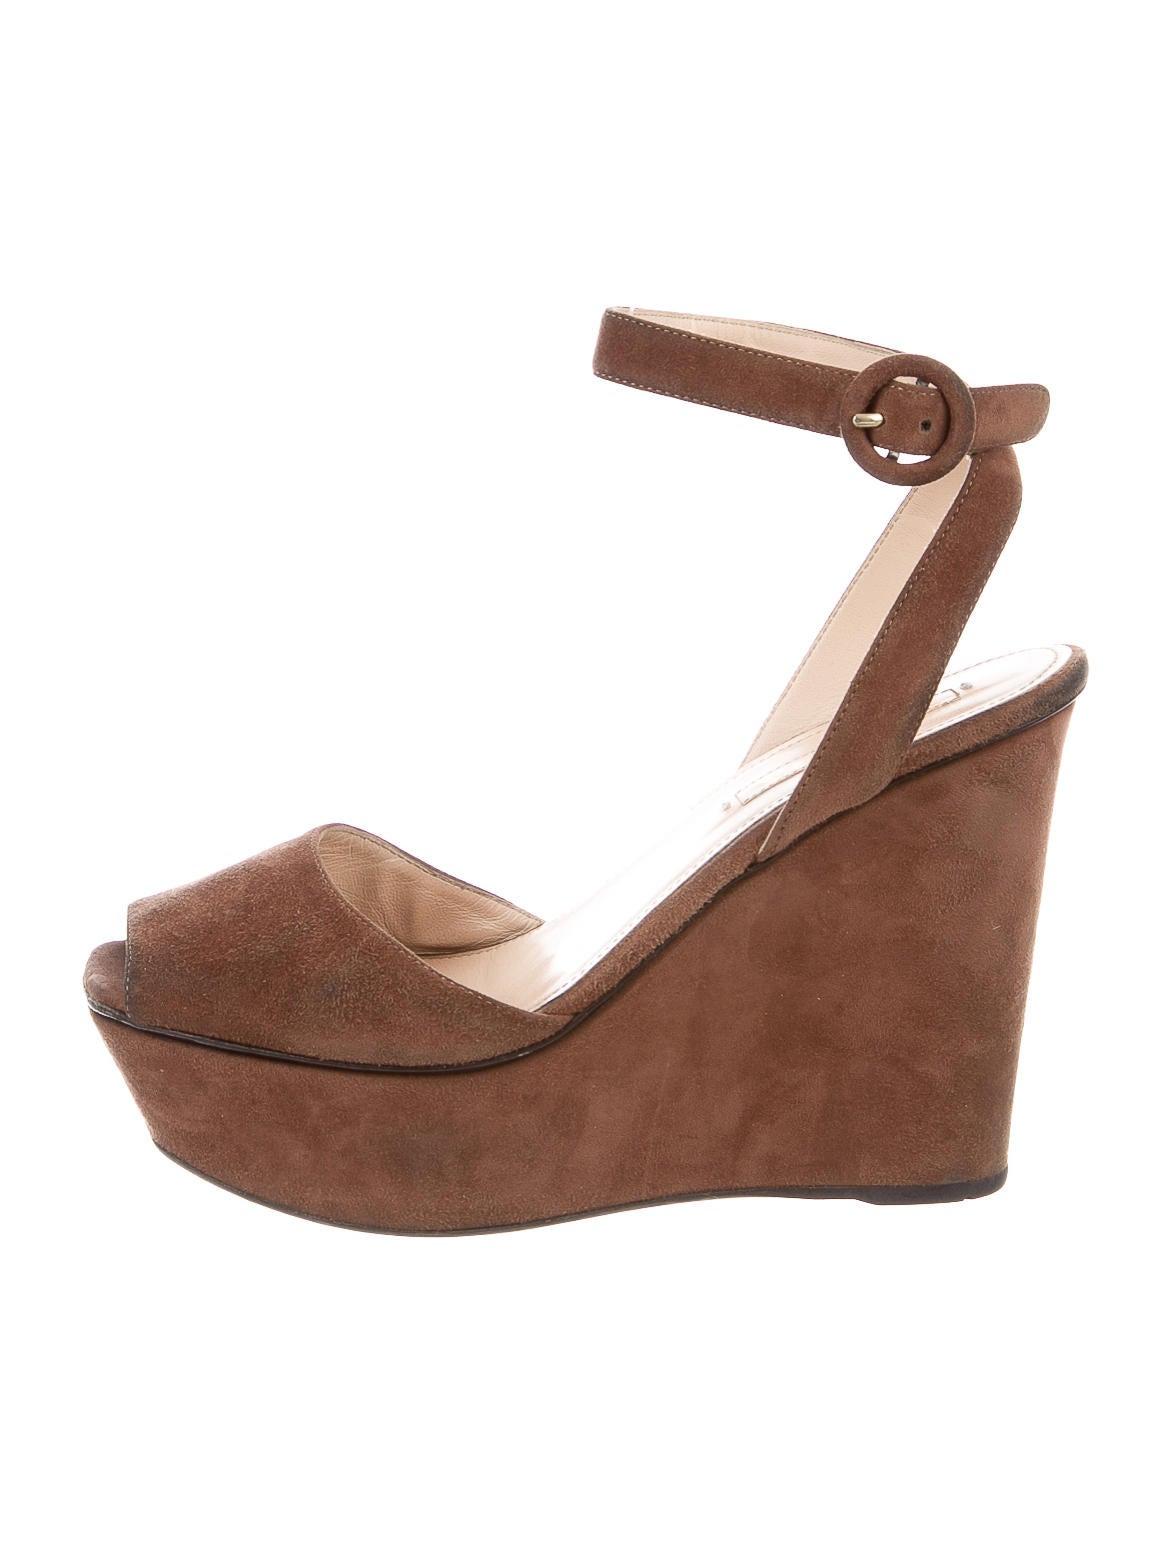 prada suede platform wedges shoes pra83406 the realreal